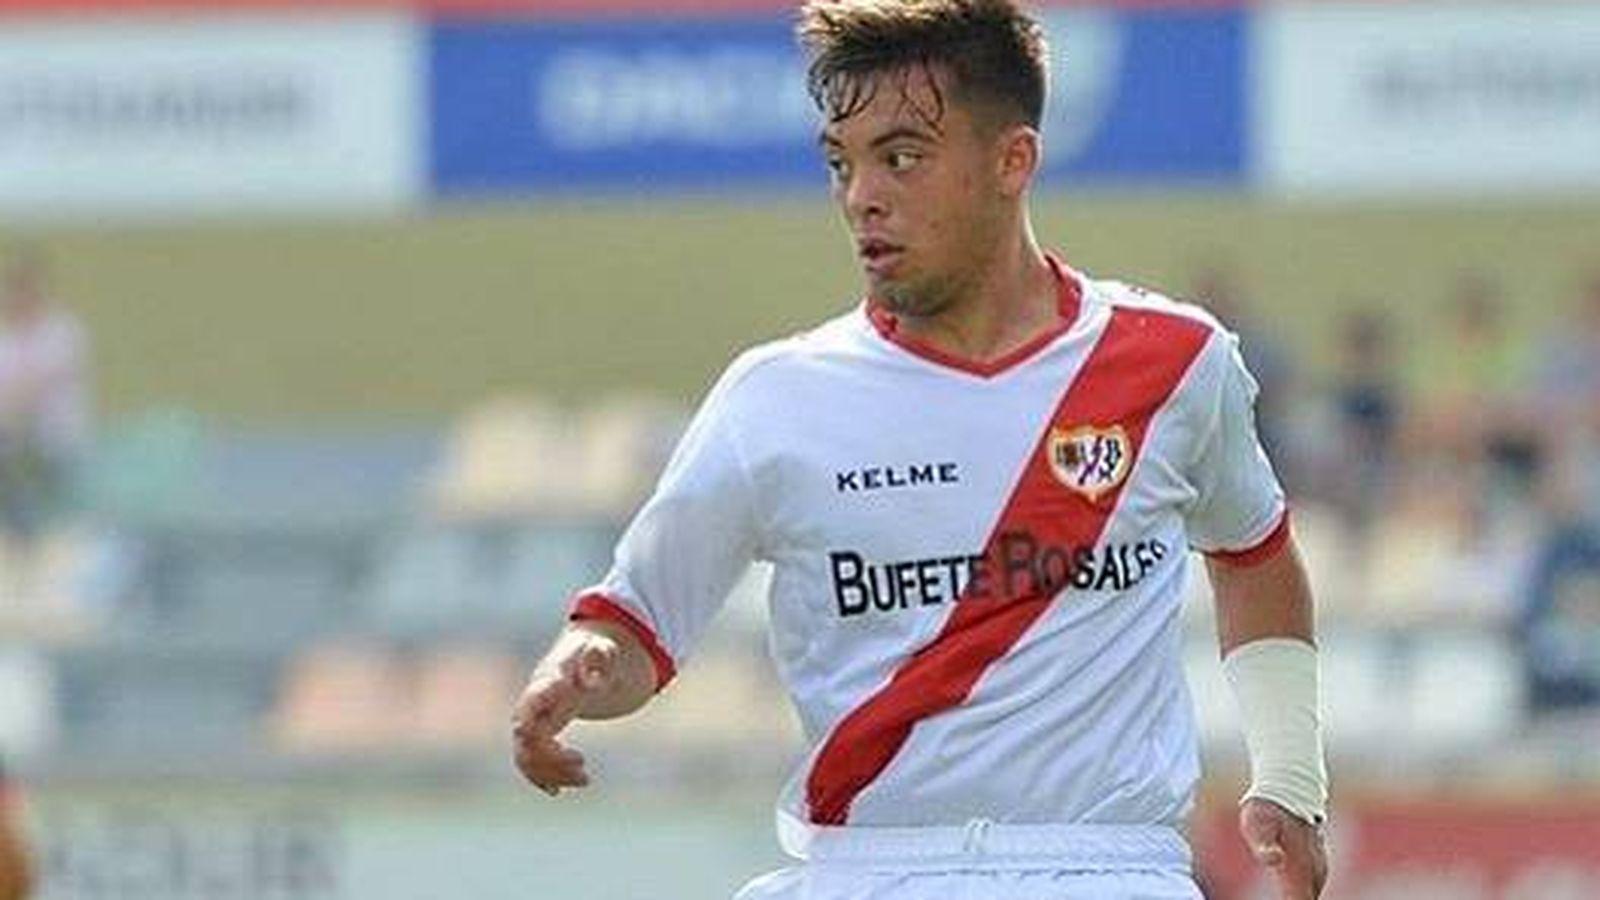 Foto: Fran Beltrán en acción durante un partido del Rayo Vallecano. (FOTO: Instagram)